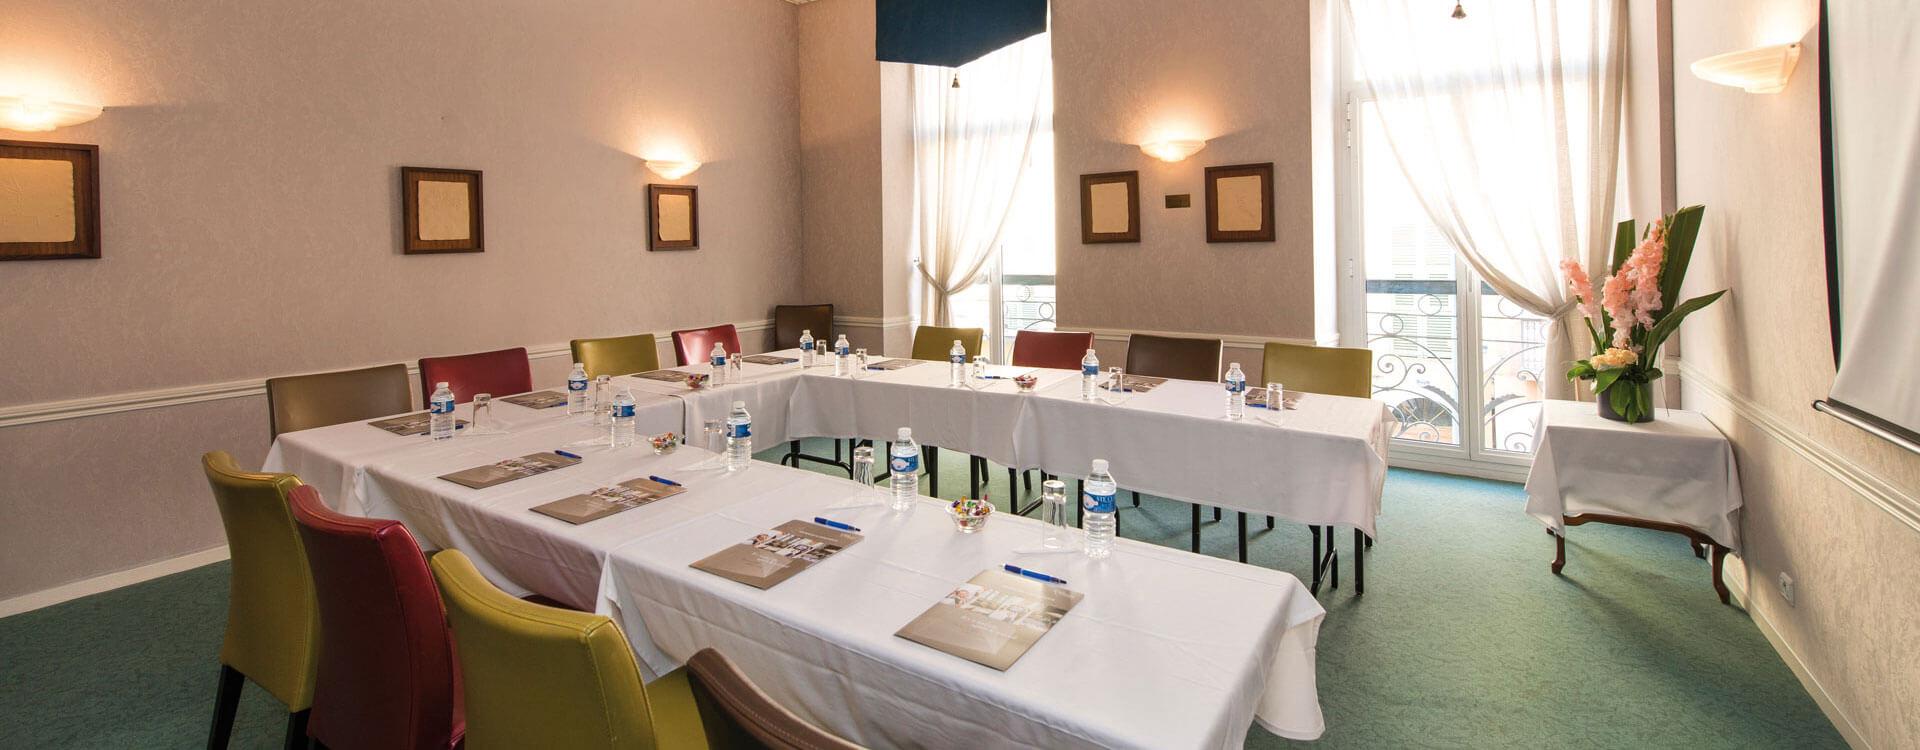 Séminaires - Hôtel*** Royal Westminster à Menton